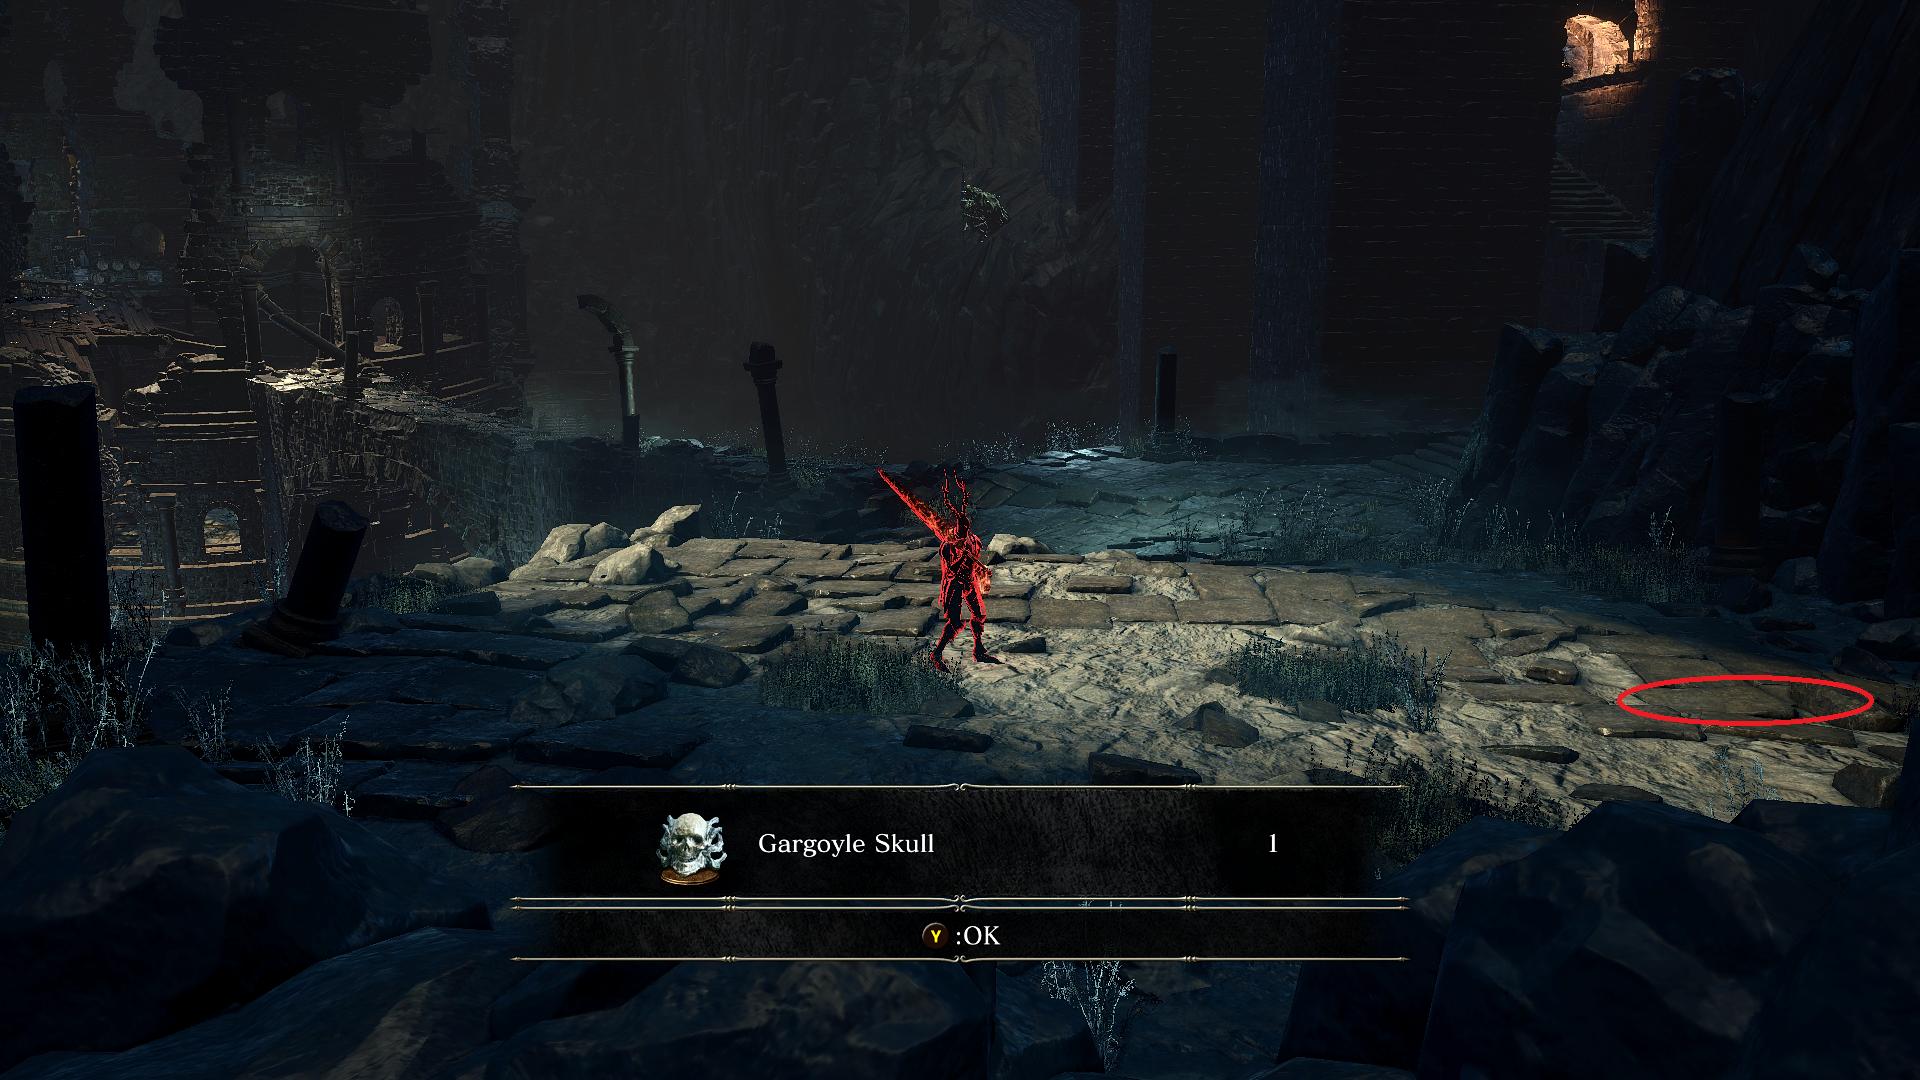 Gargoyle_Skull.png